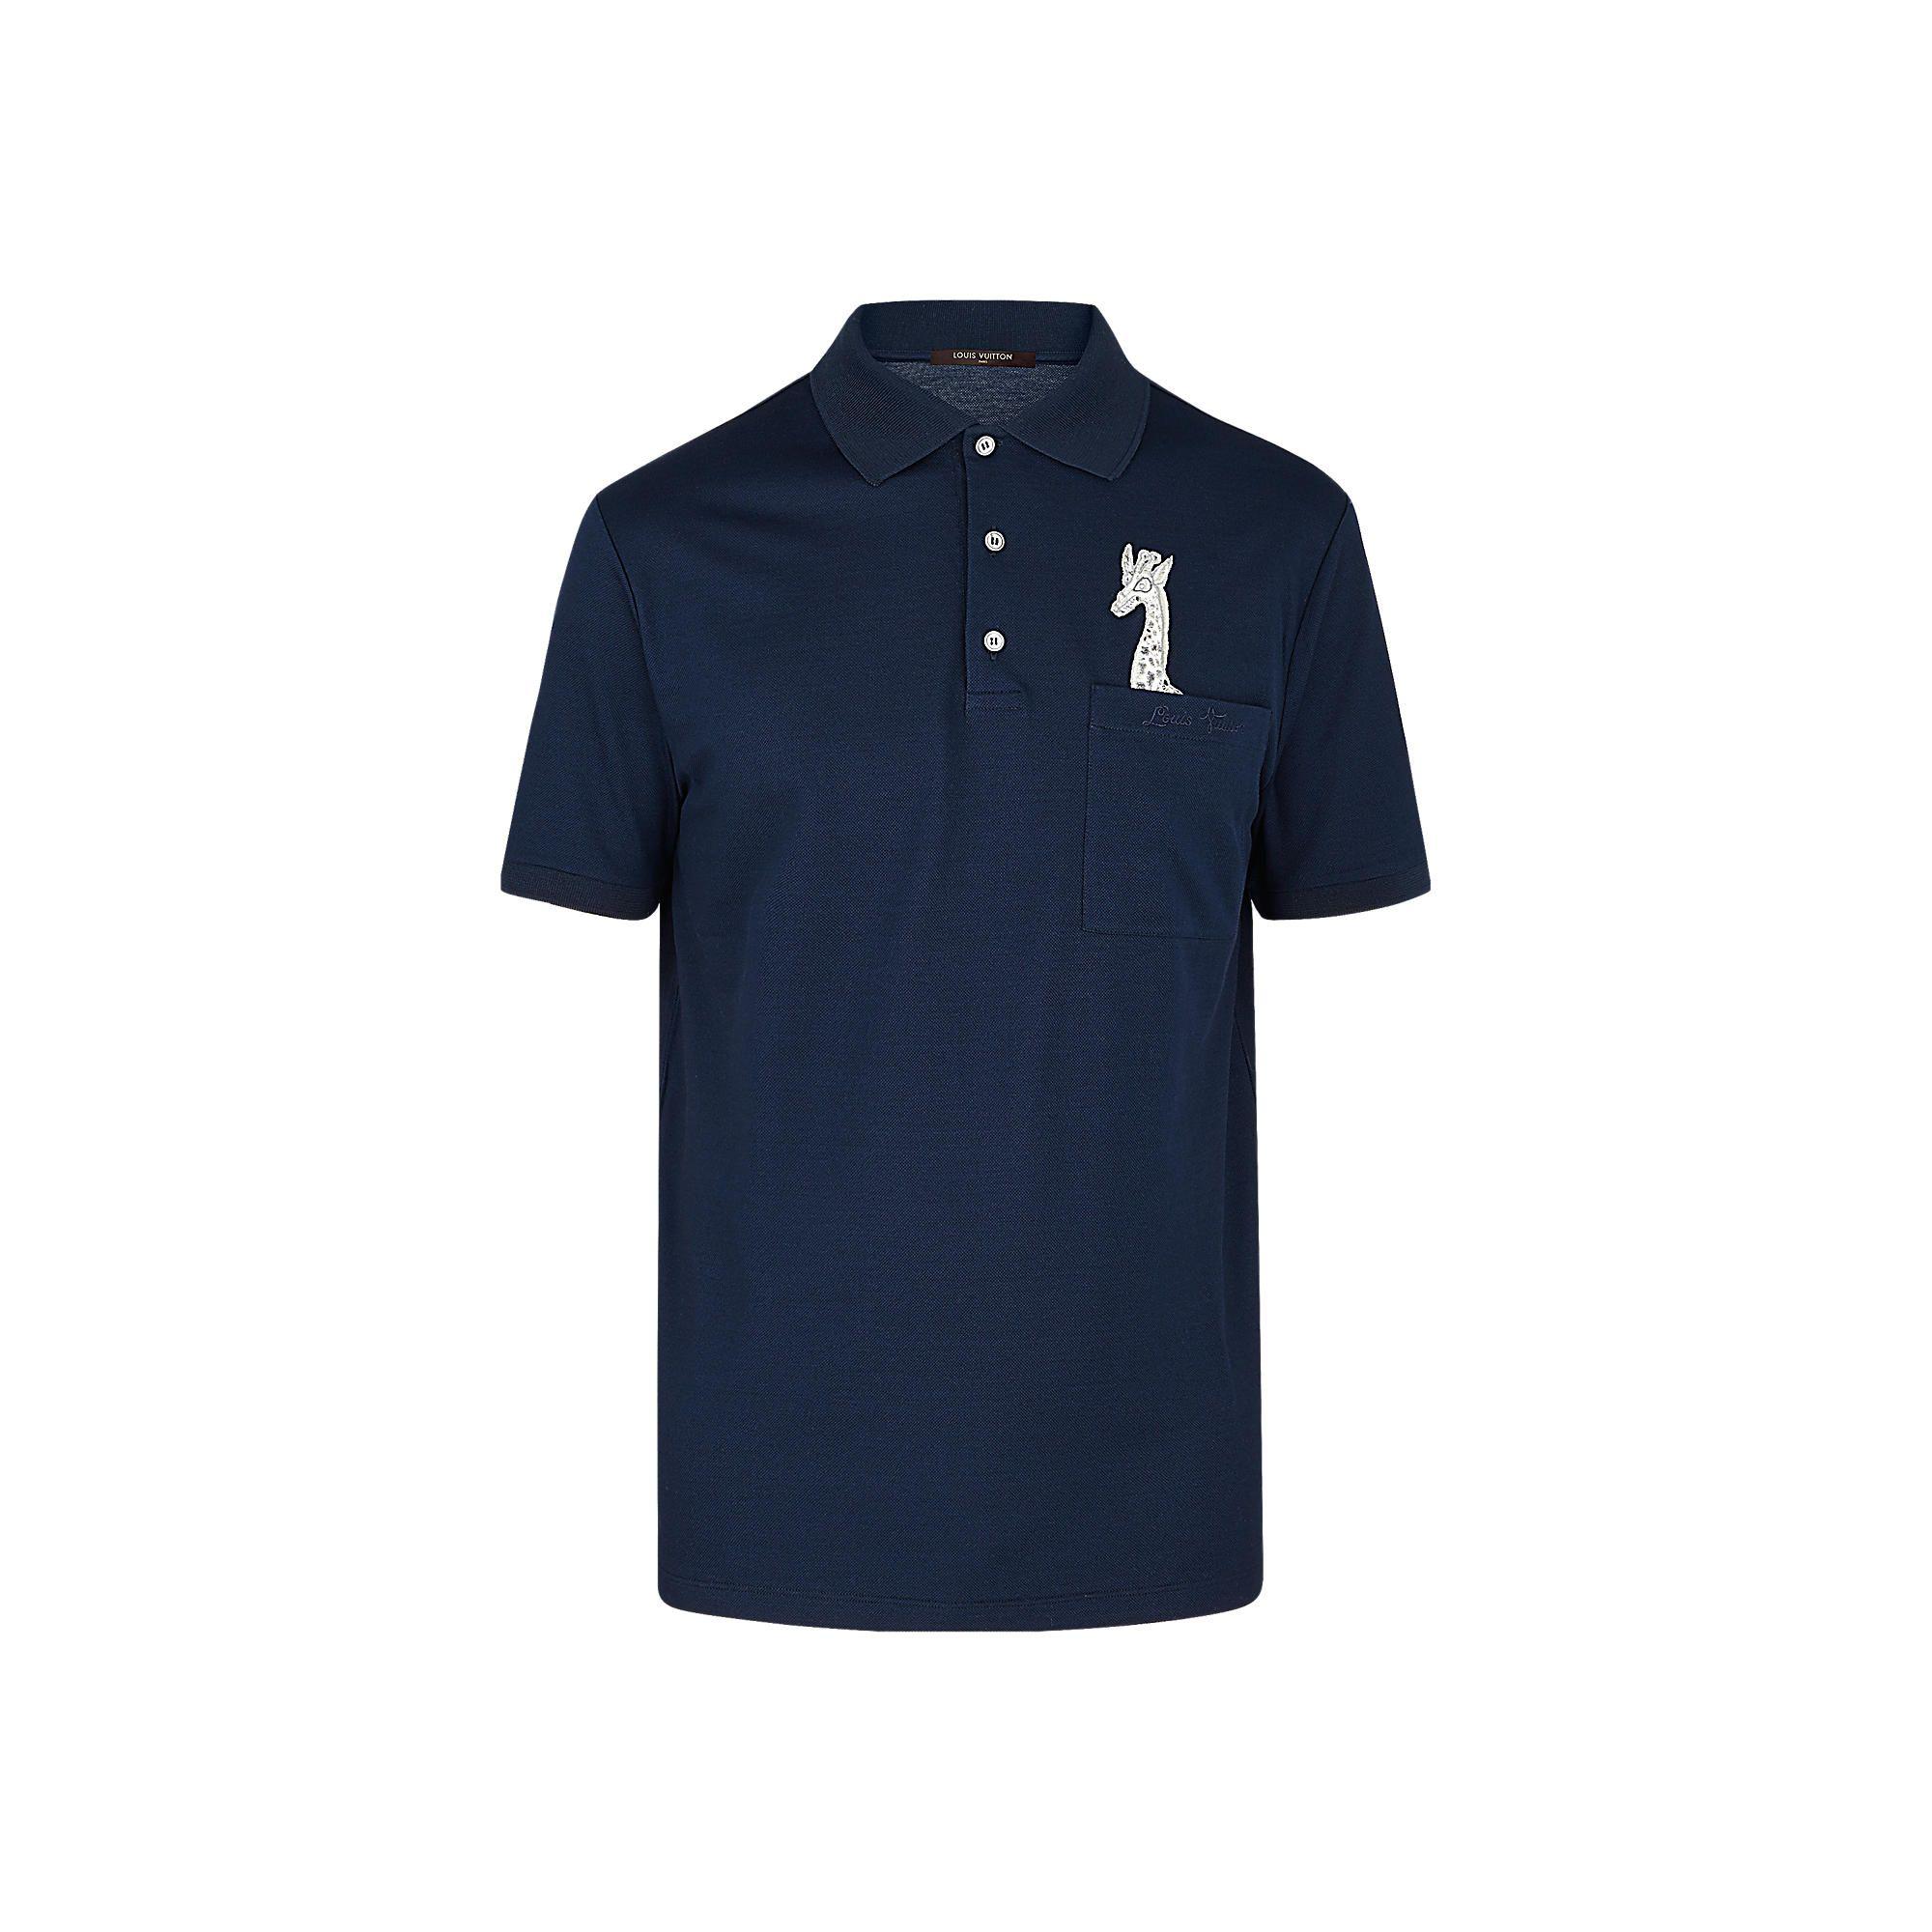 Giraffe Pocket Polo Via Louis Vuitton Shirt Suits Polo T